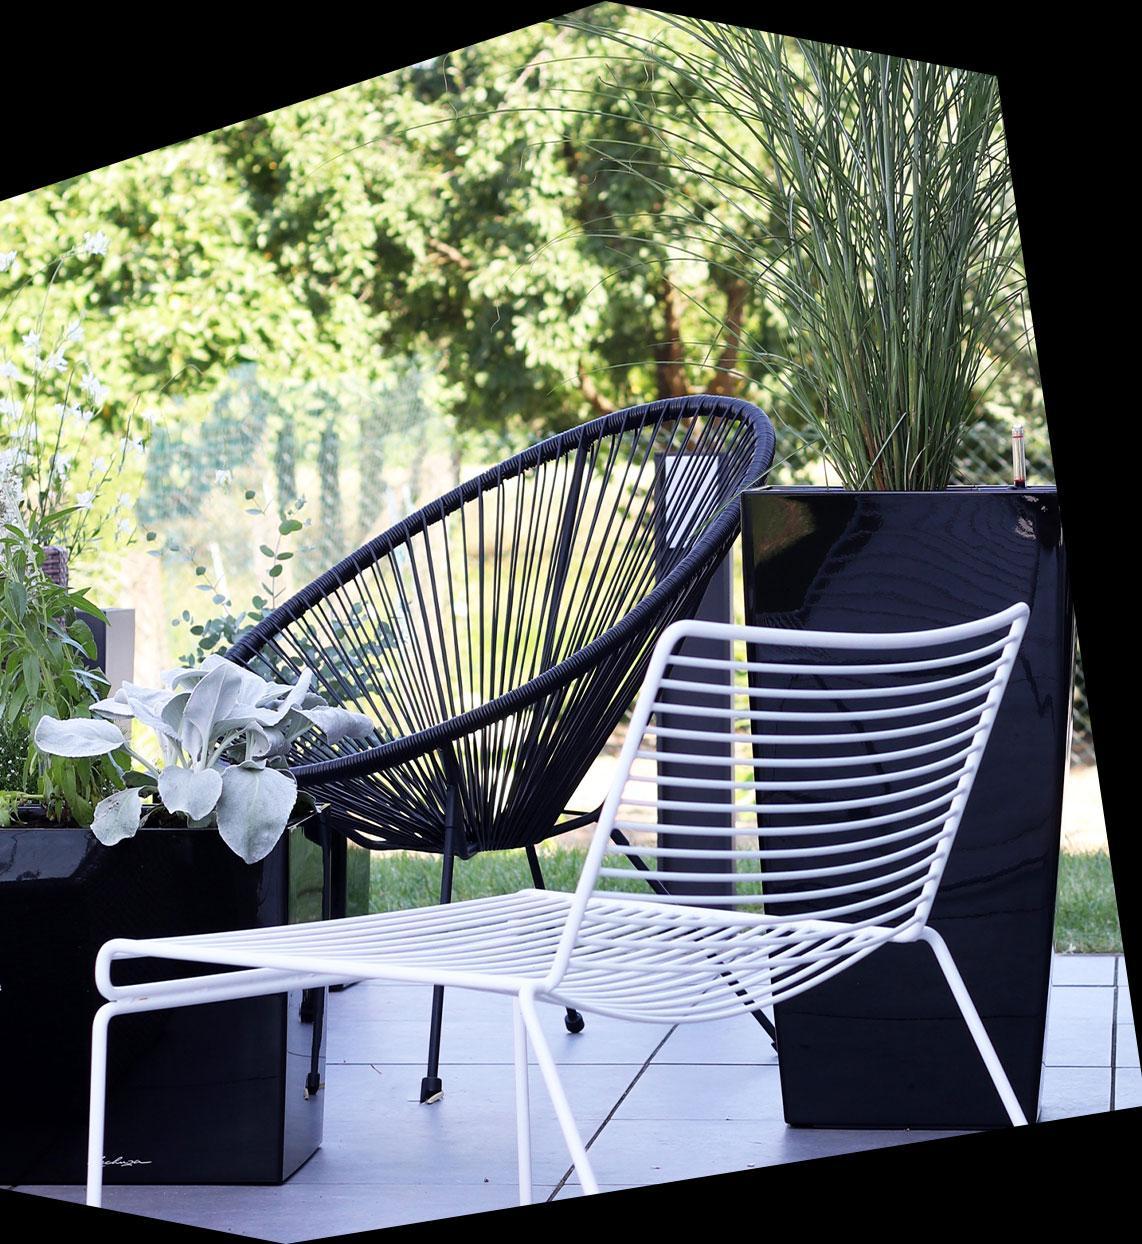 Zwarte hoogglans plantenbak CUBICO en CUBE op een terras met zwart-witte stalen buismeubels.